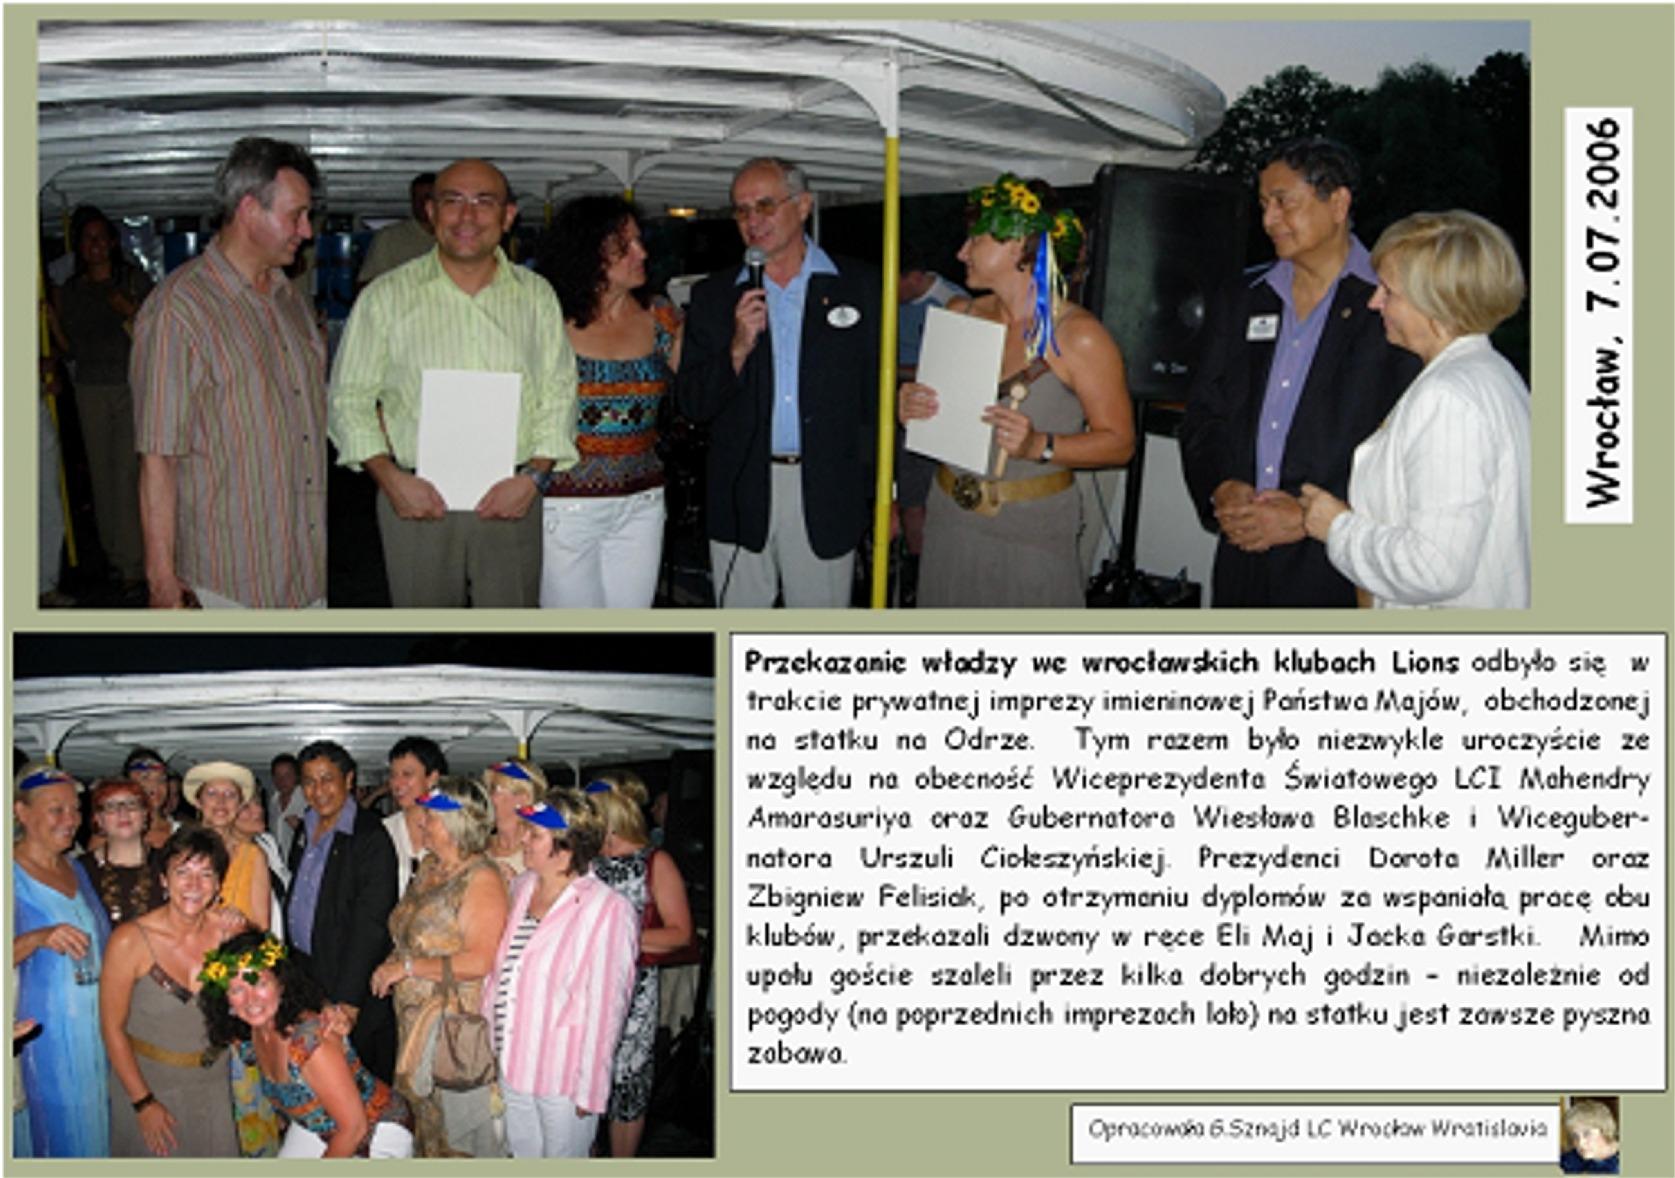 przekazanie-wladzy-w-klubie-07-07-2006-r